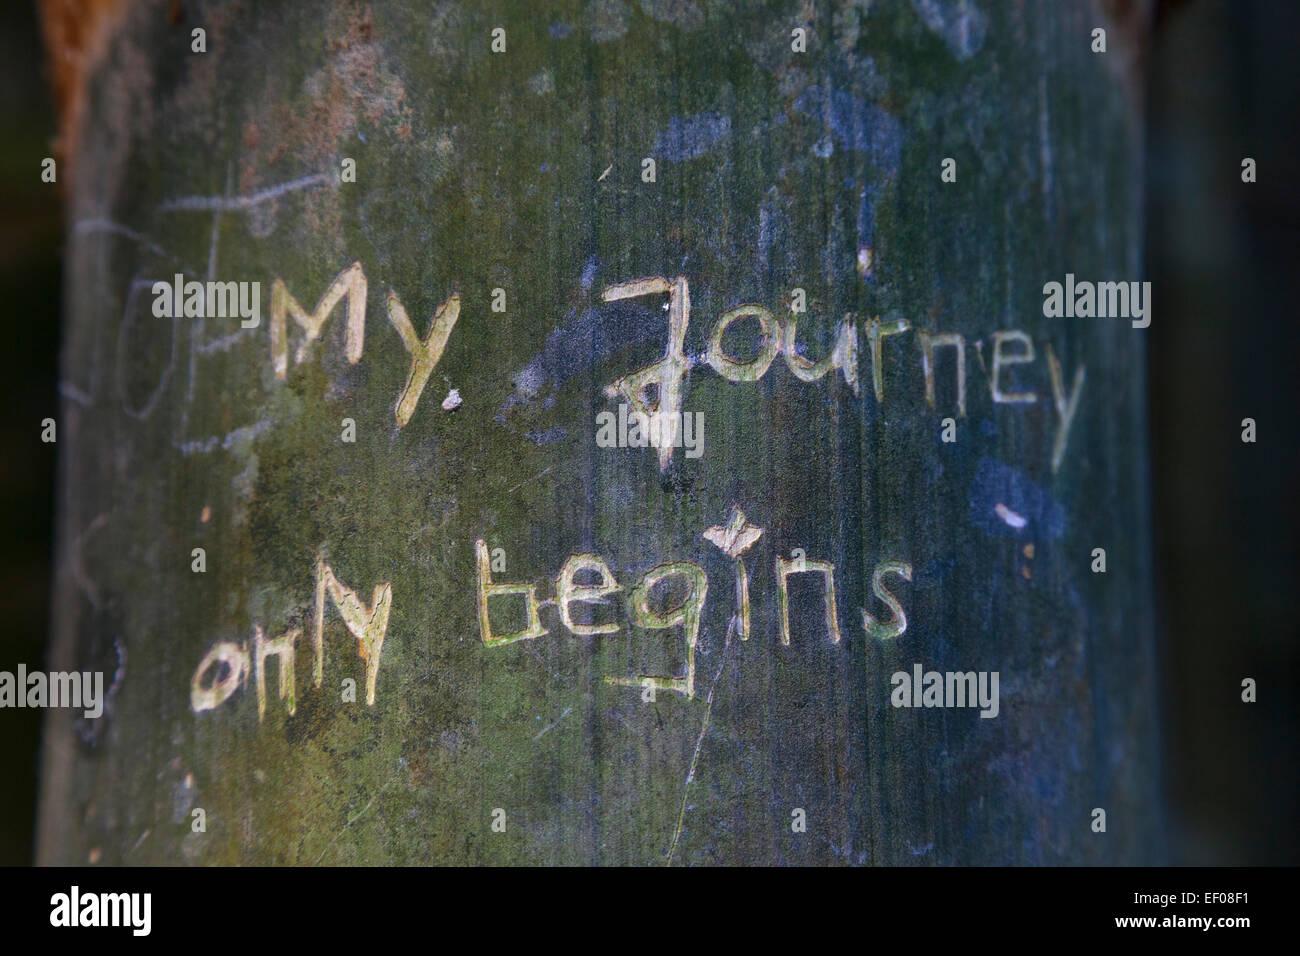 Il mio viaggio inizia solo scritto in un albero, Australia Immagini Stock